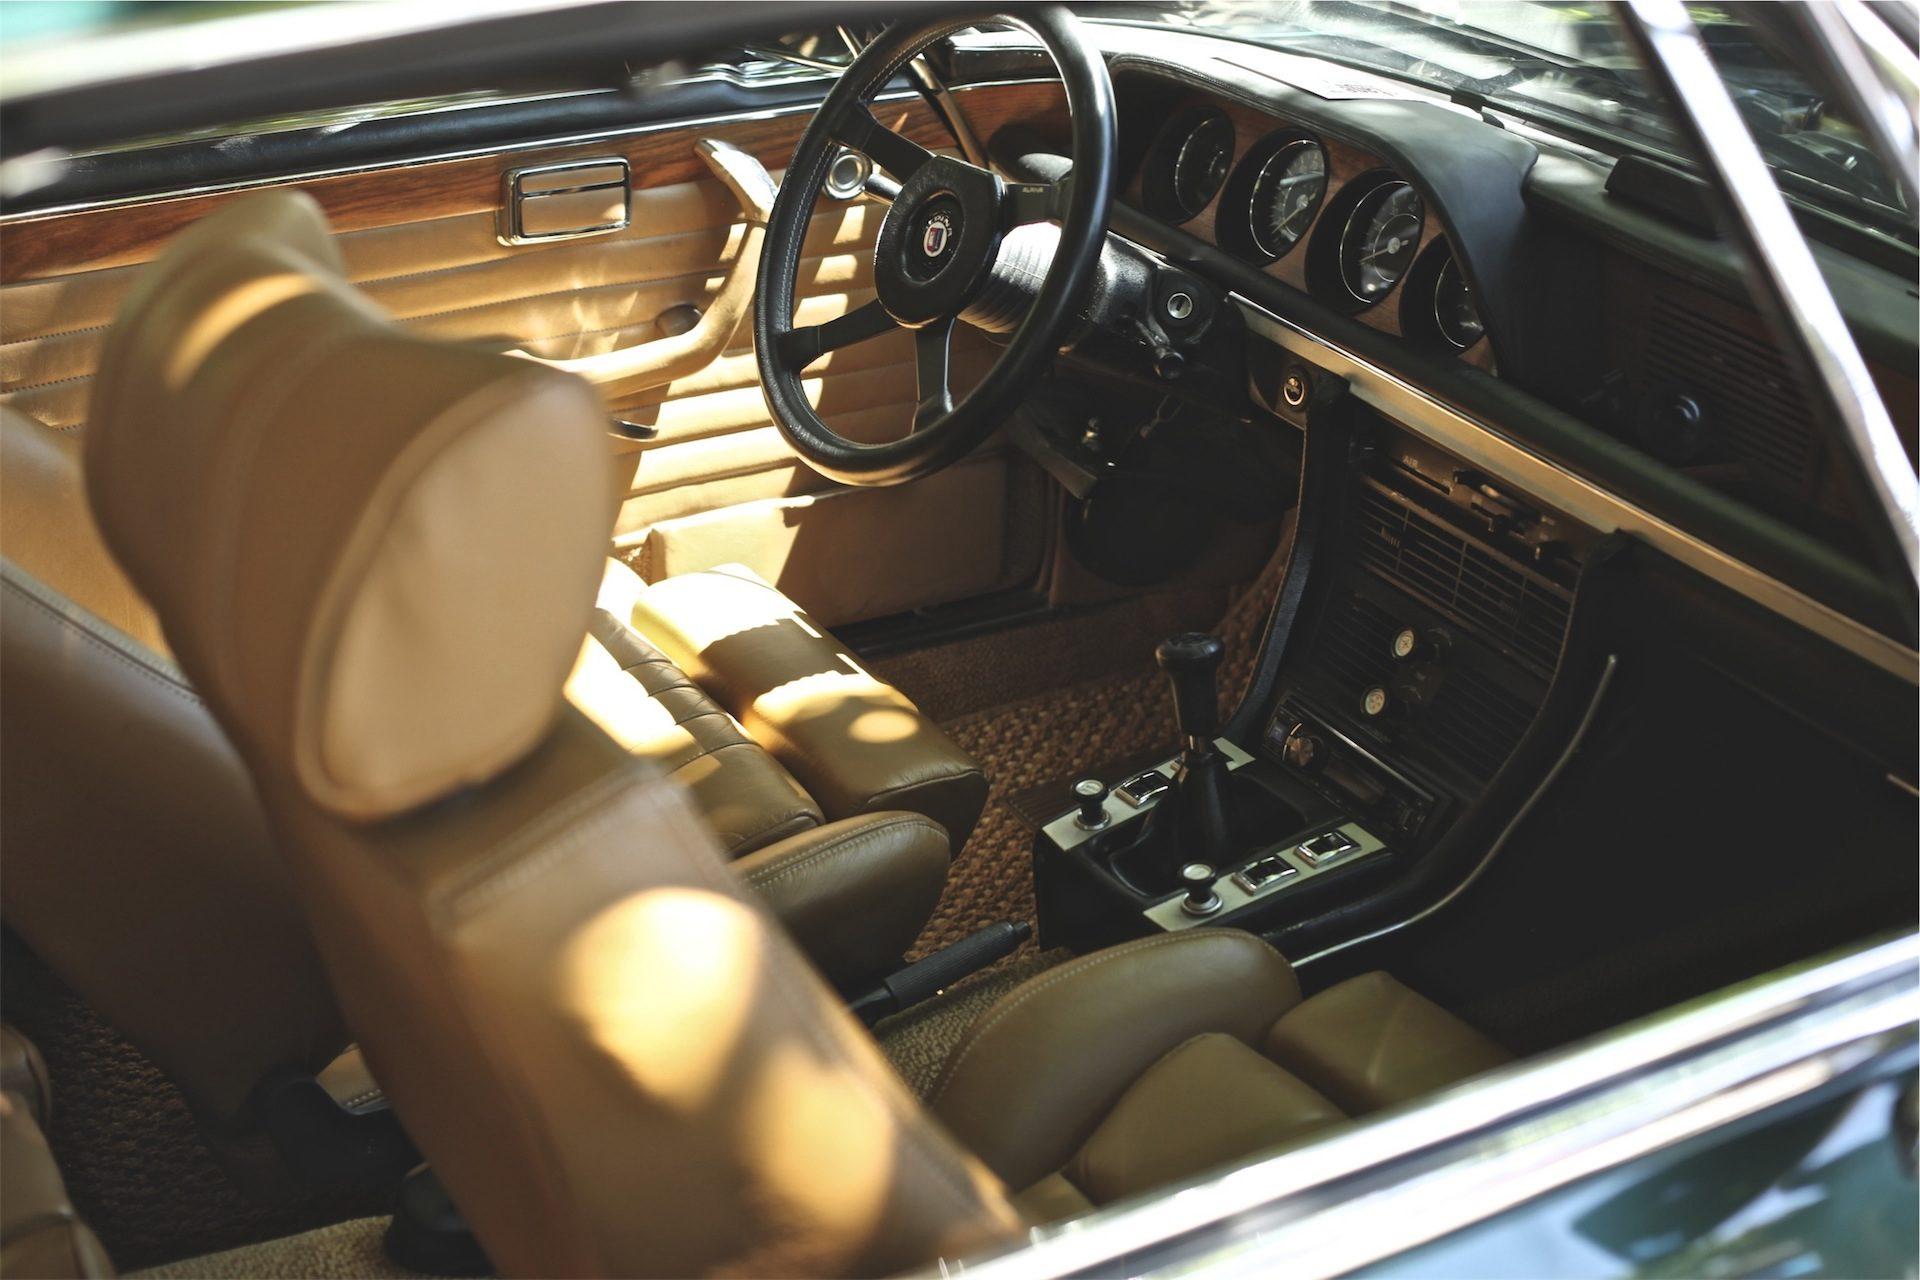 coche, interior, antiguo, vintage, salpicadero, asientos - Fondos de Pantalla HD - professor-falken.com